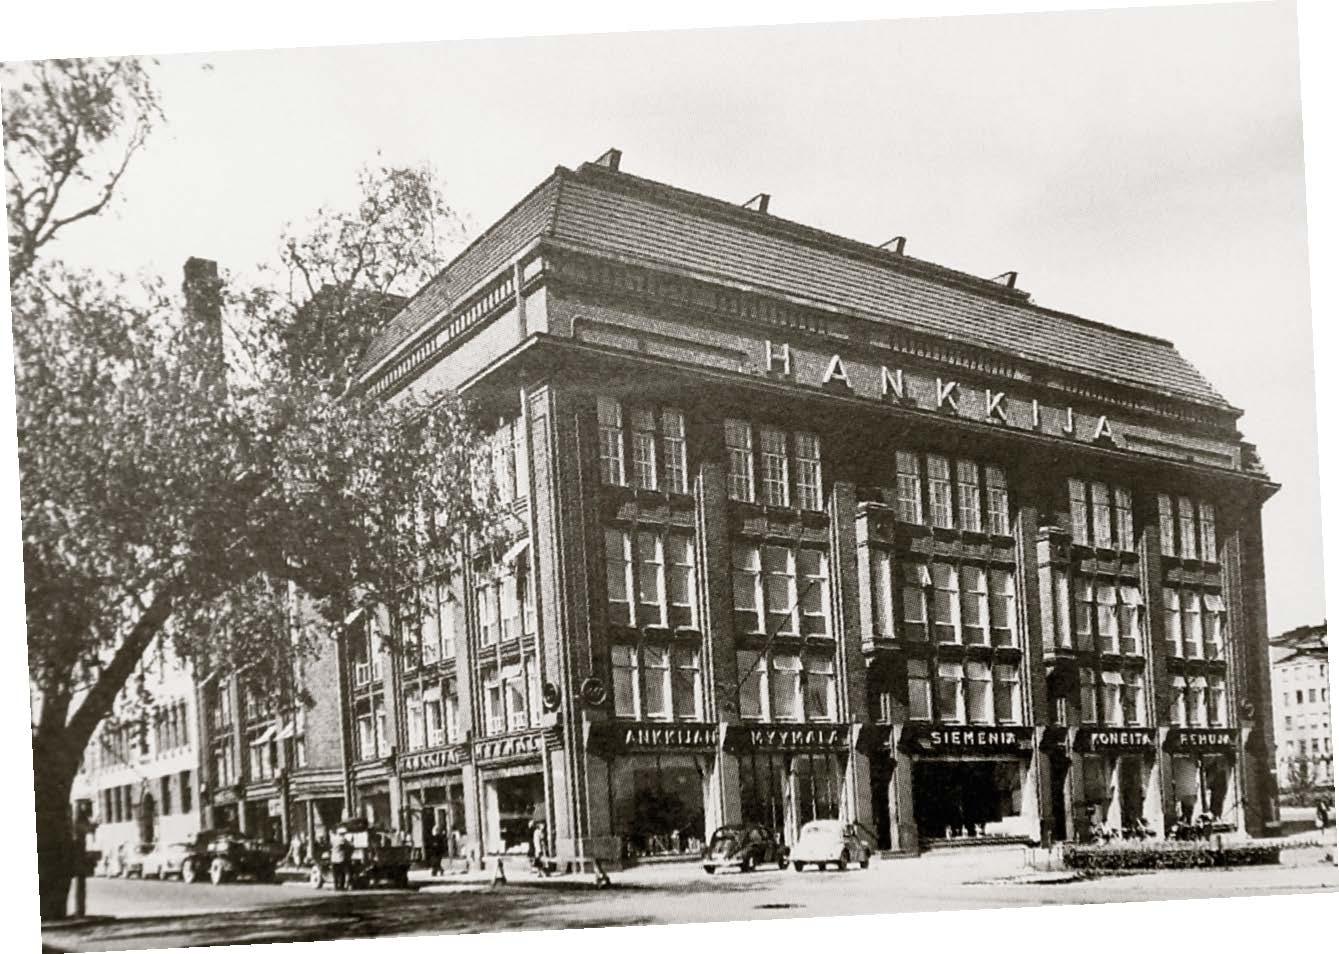 Hankkijan pääkonttori siirtyi Helsinkiin Salomonkadulle vuonna 1919.